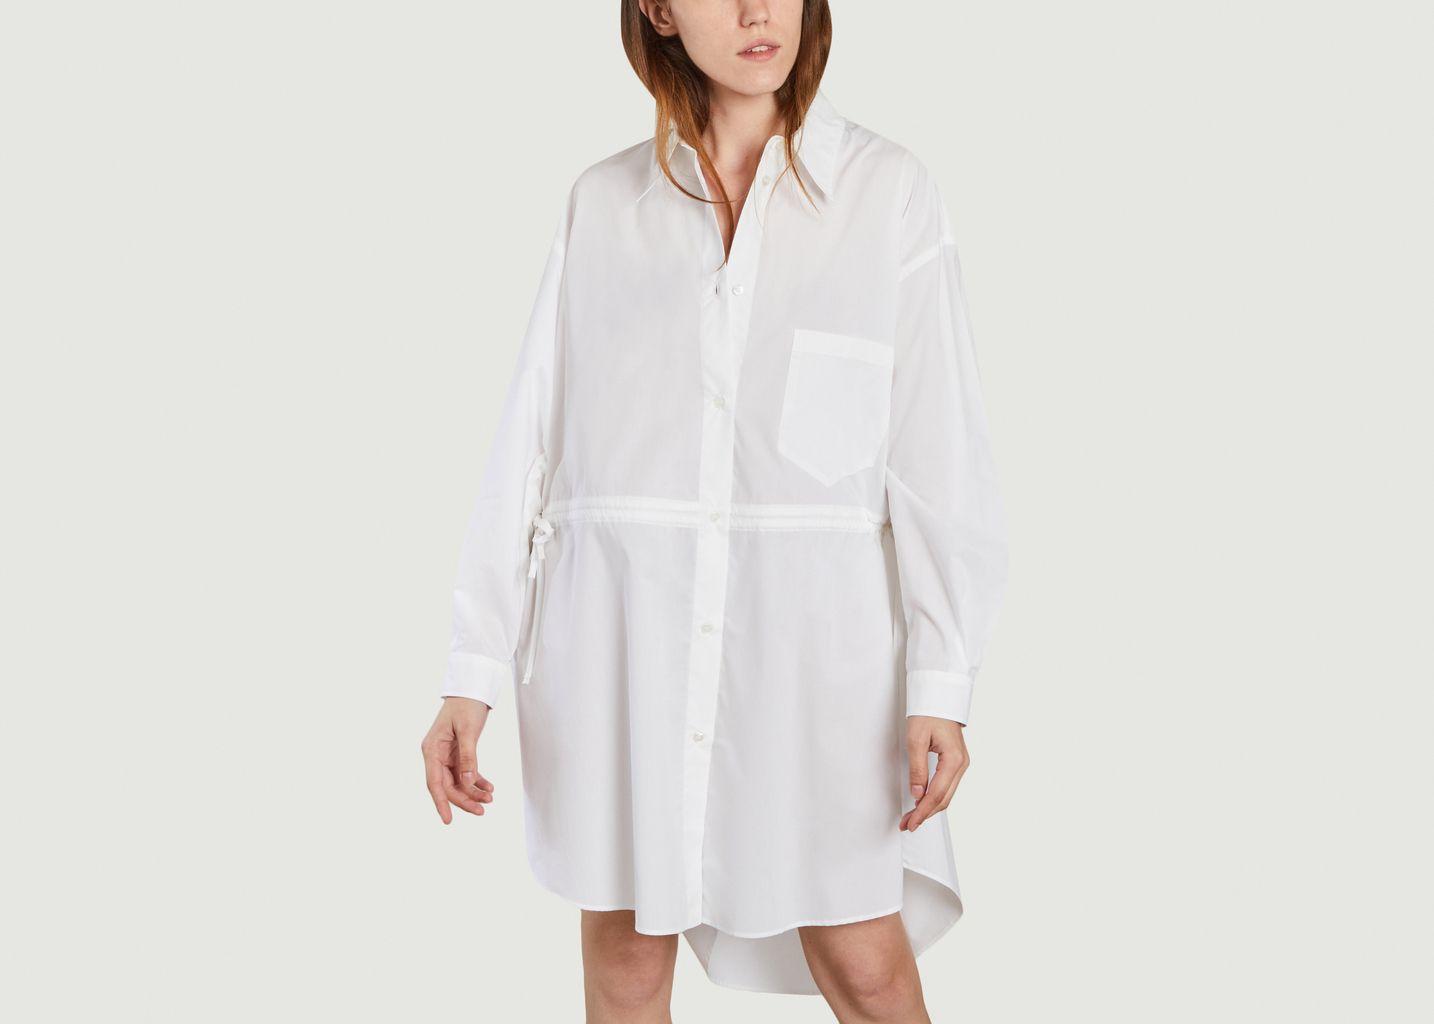 Robe chemise - MM6 Maison Margiela